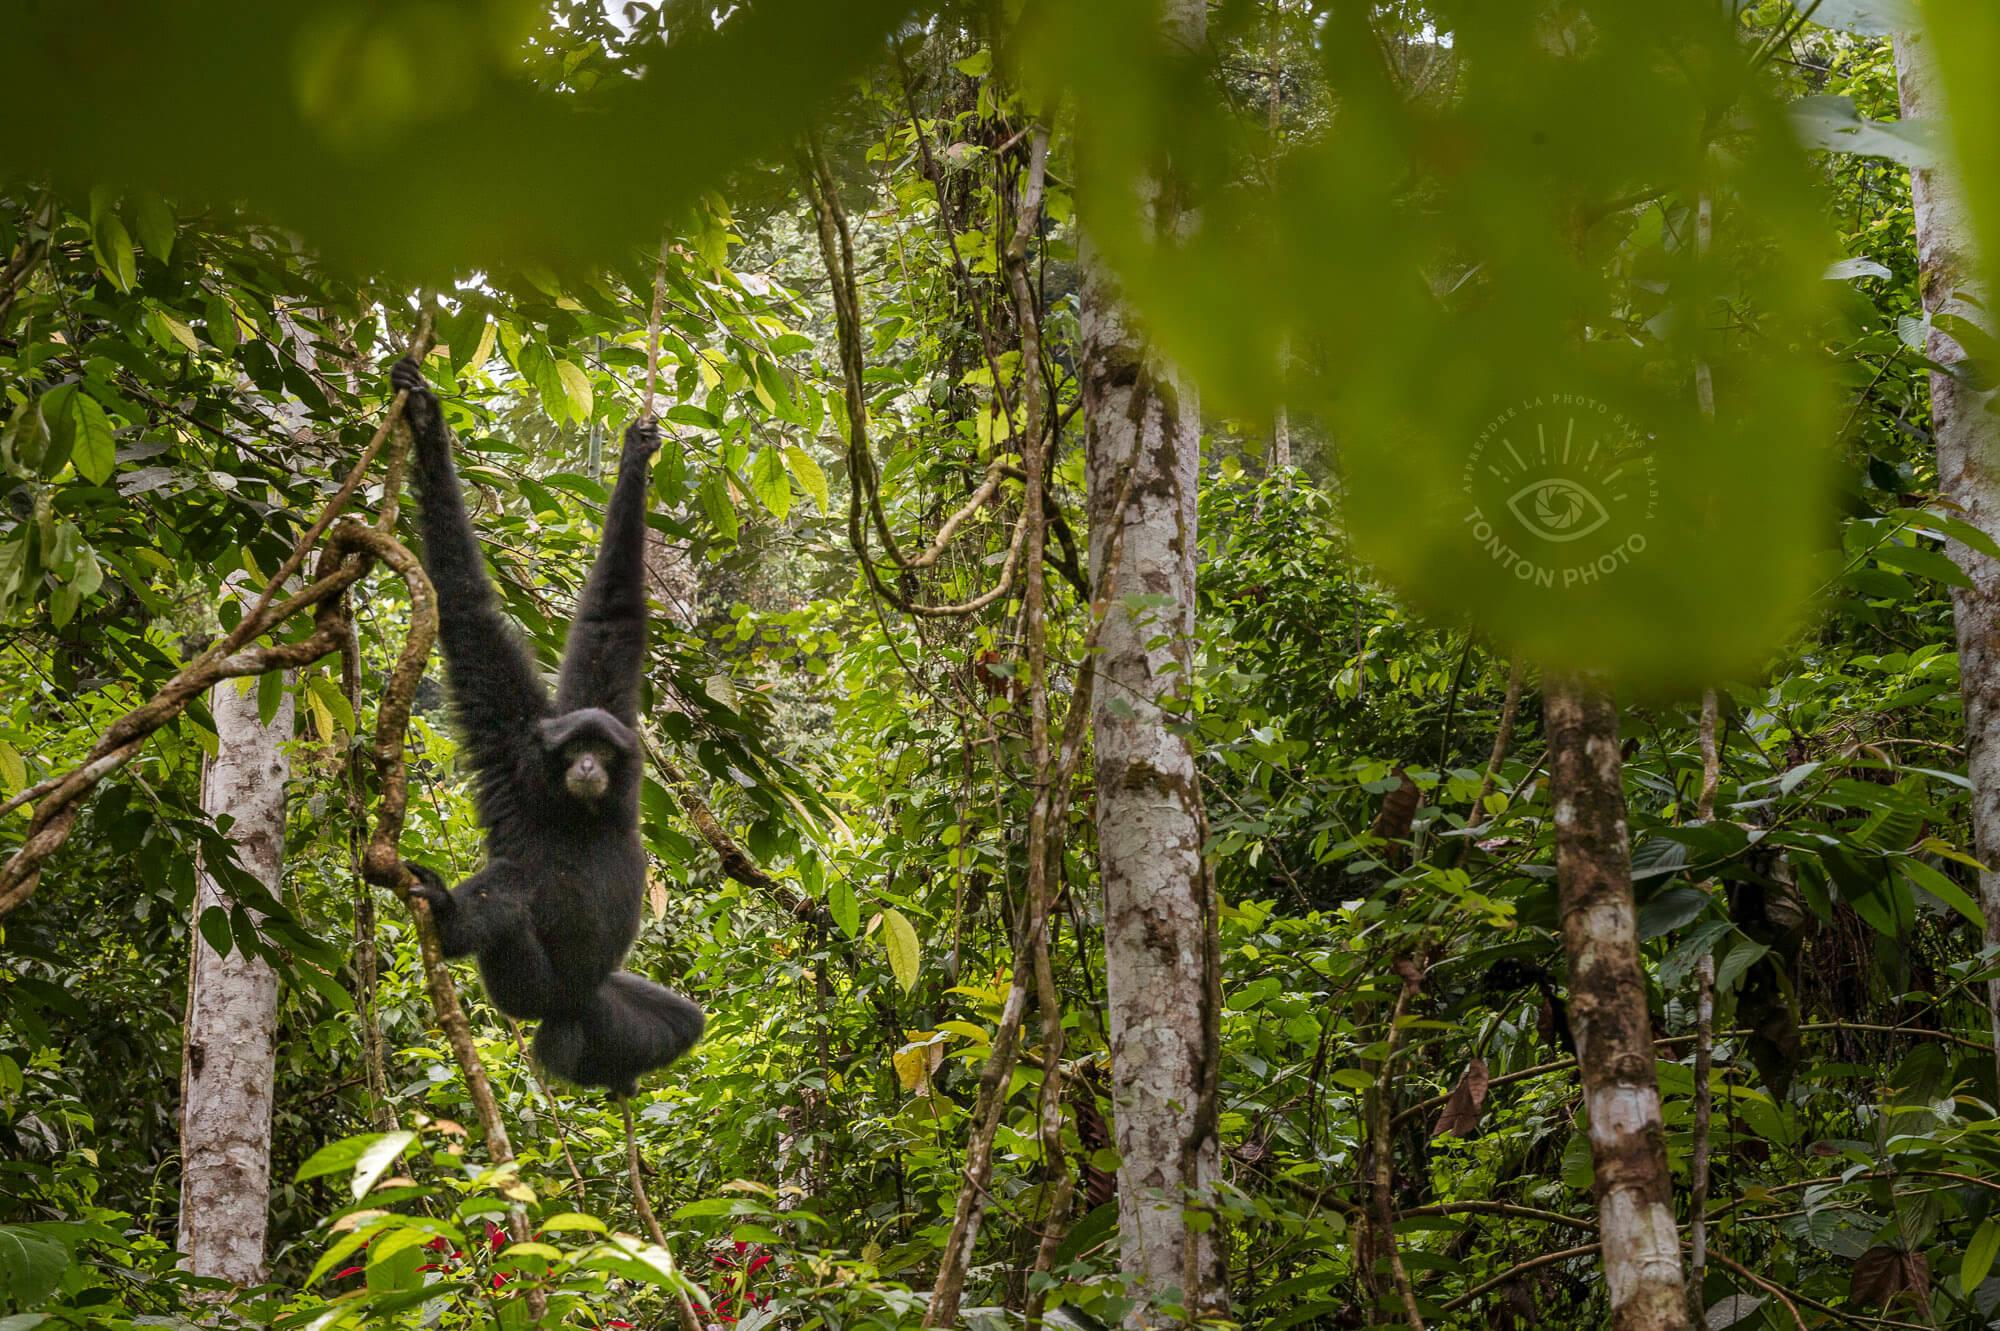 Le zoo inversé : un splendide gibbon noir vient nous observer, comme au spectacle ! Parc National du Gunung Leuser, Sumatra, Indonésie © Clément Racineux / Tonton Photo